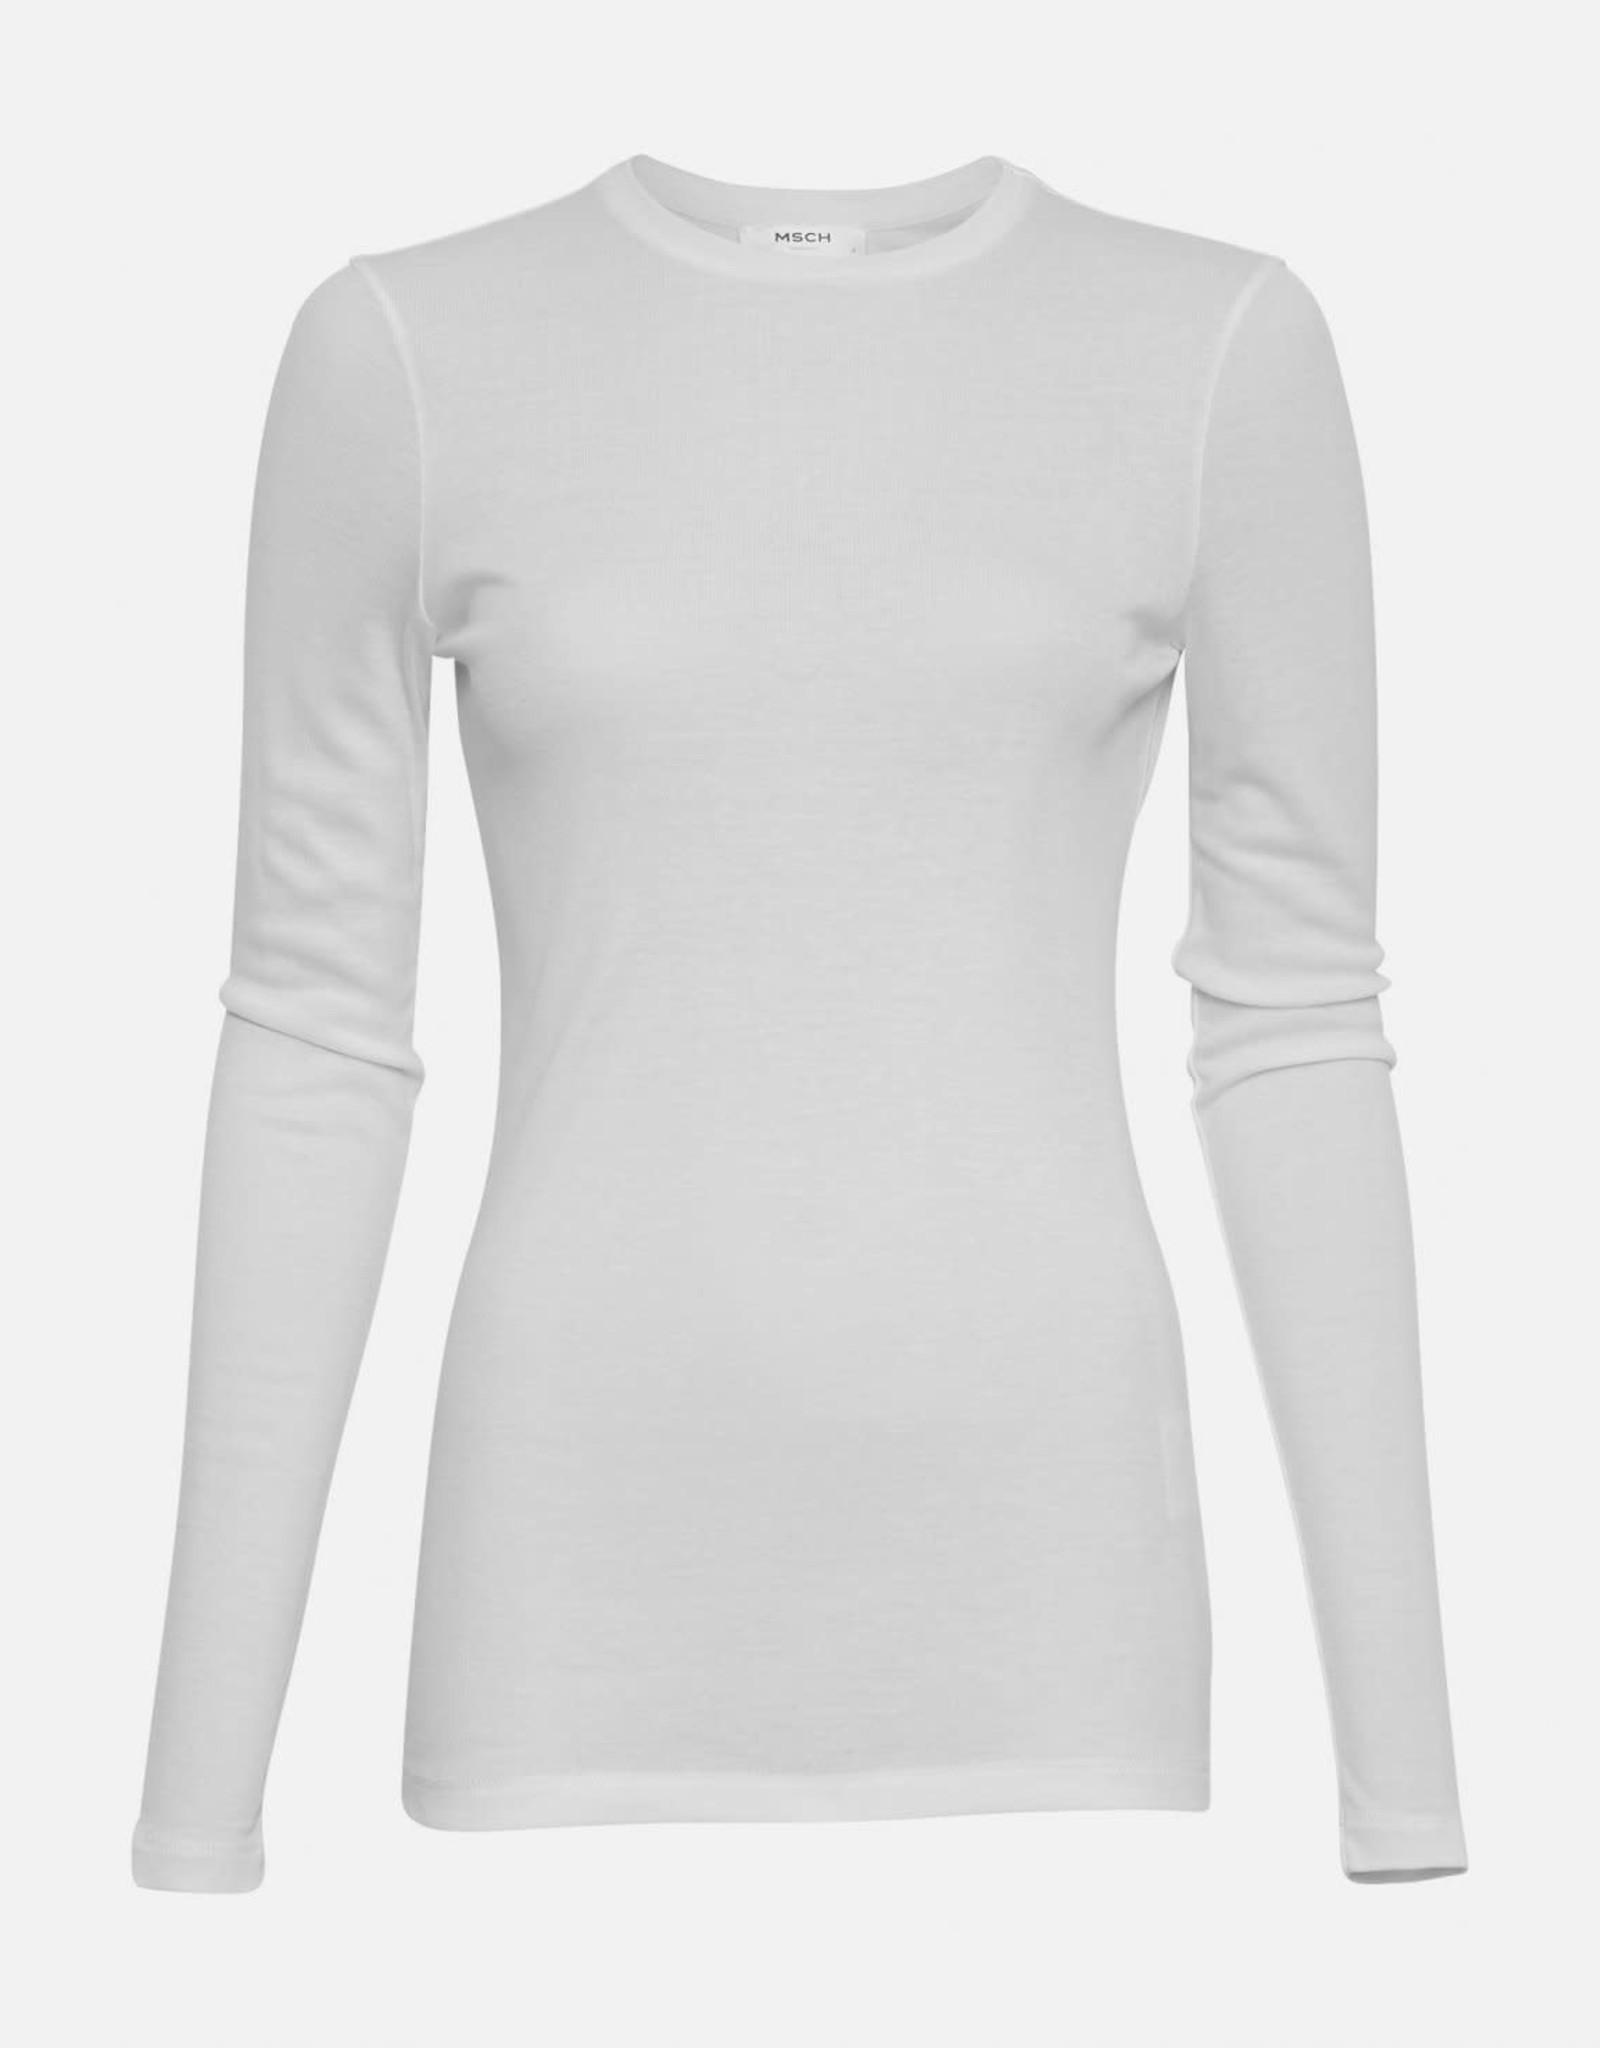 Moss Copenhagen Top T-Shirt lange mouw 'Mona' Lyocell - Wit